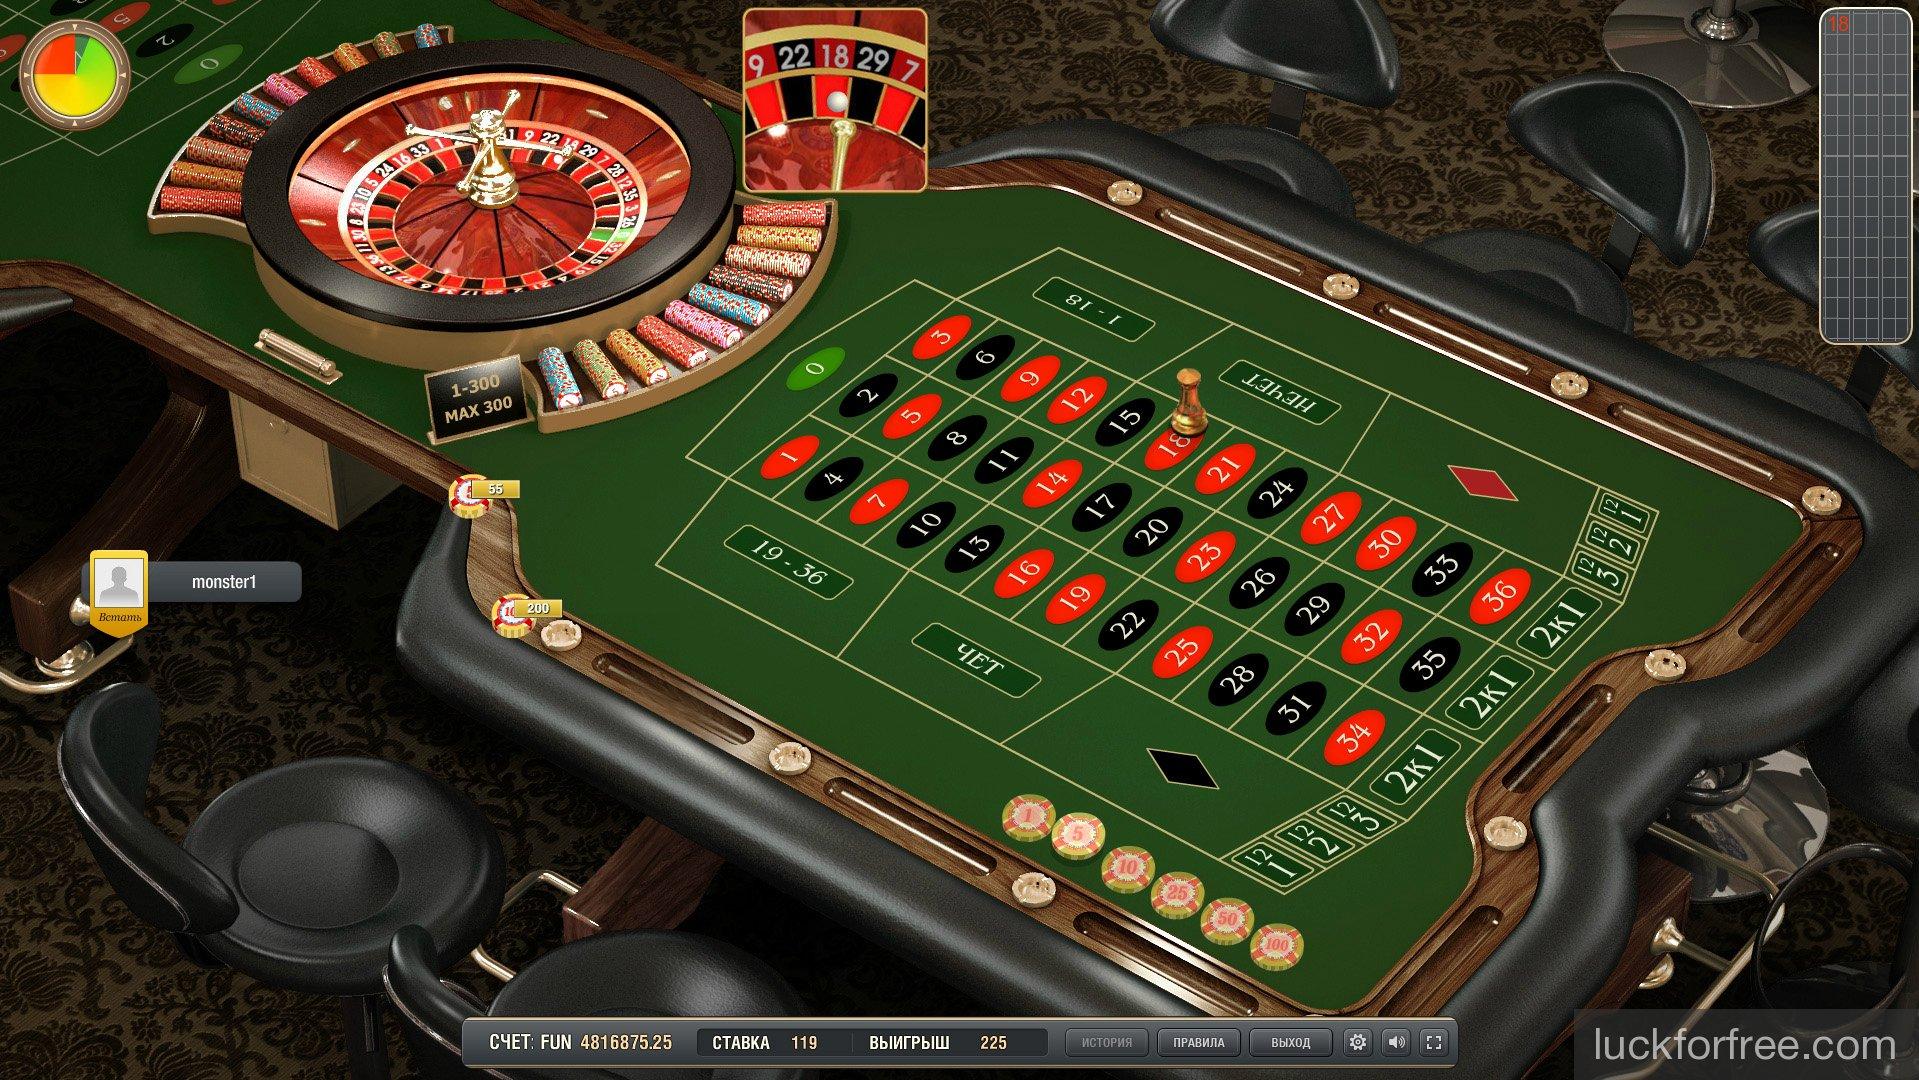 Казино онлайн с русским покером играть бесплатно без смс в онлайн казино